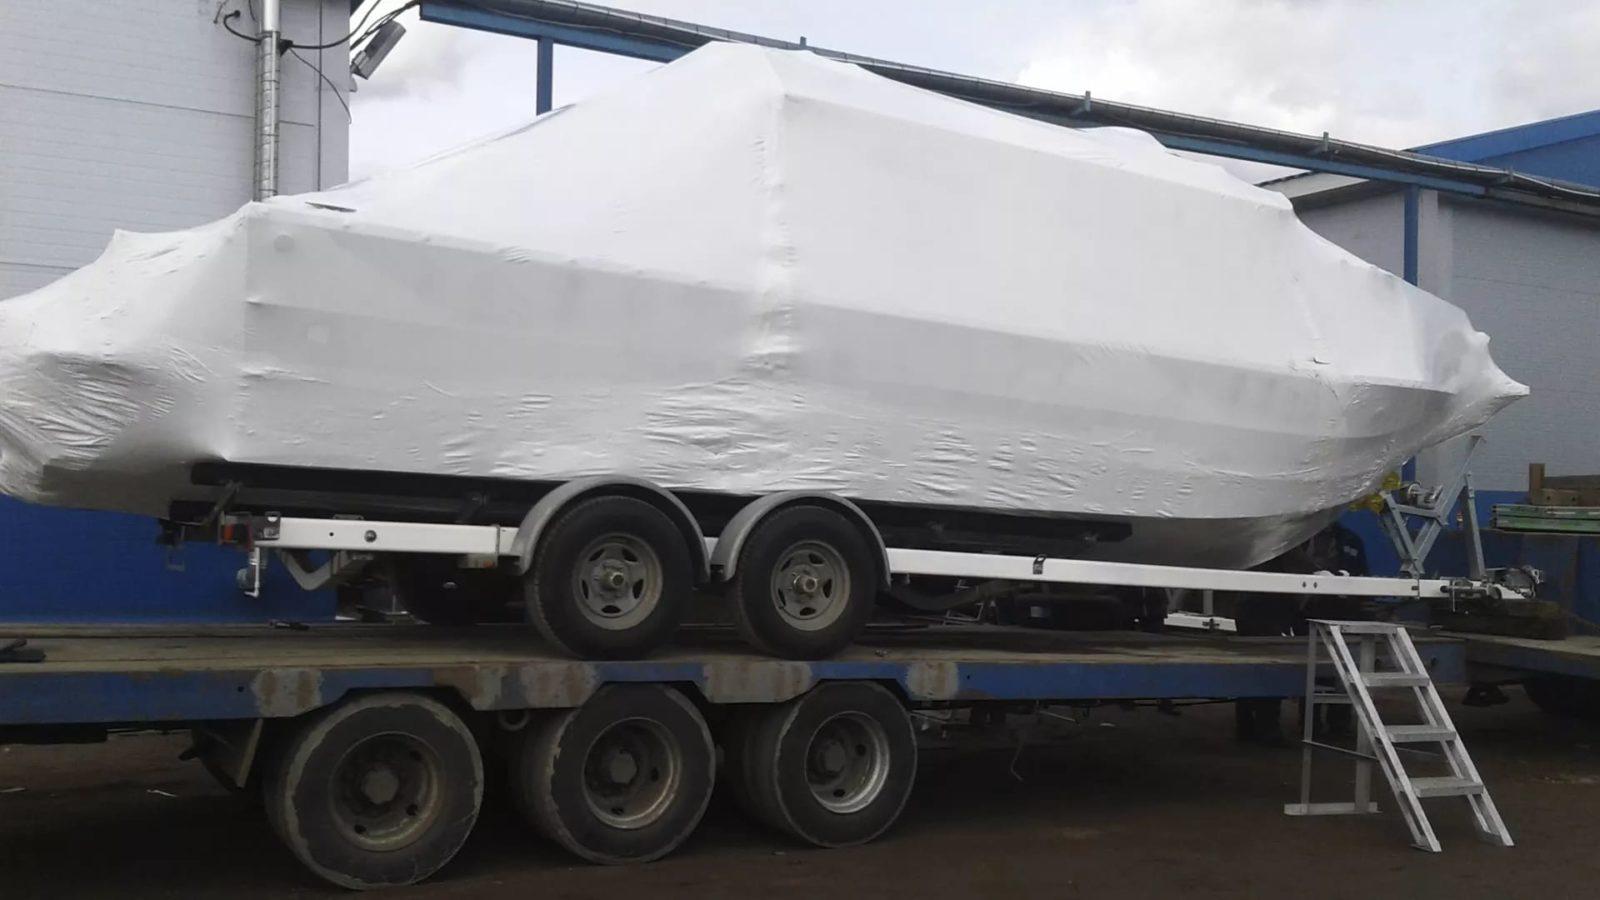 Упаковщики FastPack упаковали катер 10 метров длиной в термоусадочную пленку